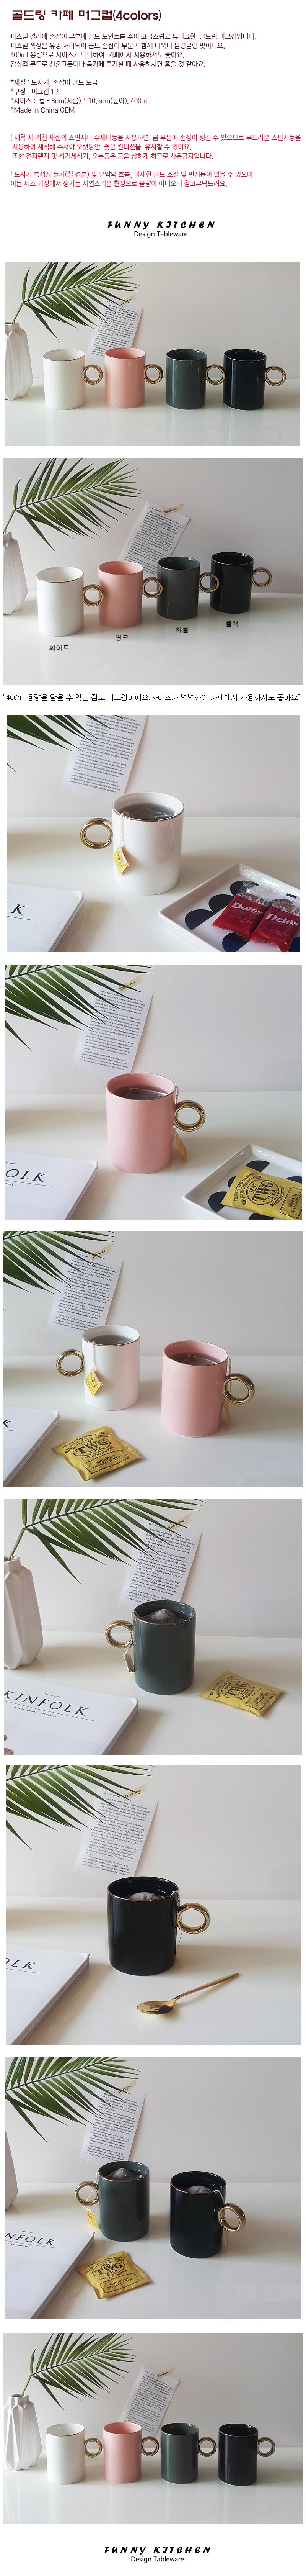 골드링 카페머그컵(400ml) 골드라인컵 집들이선물 - 퍼니키친, 17,500원, 머그컵, 심플머그